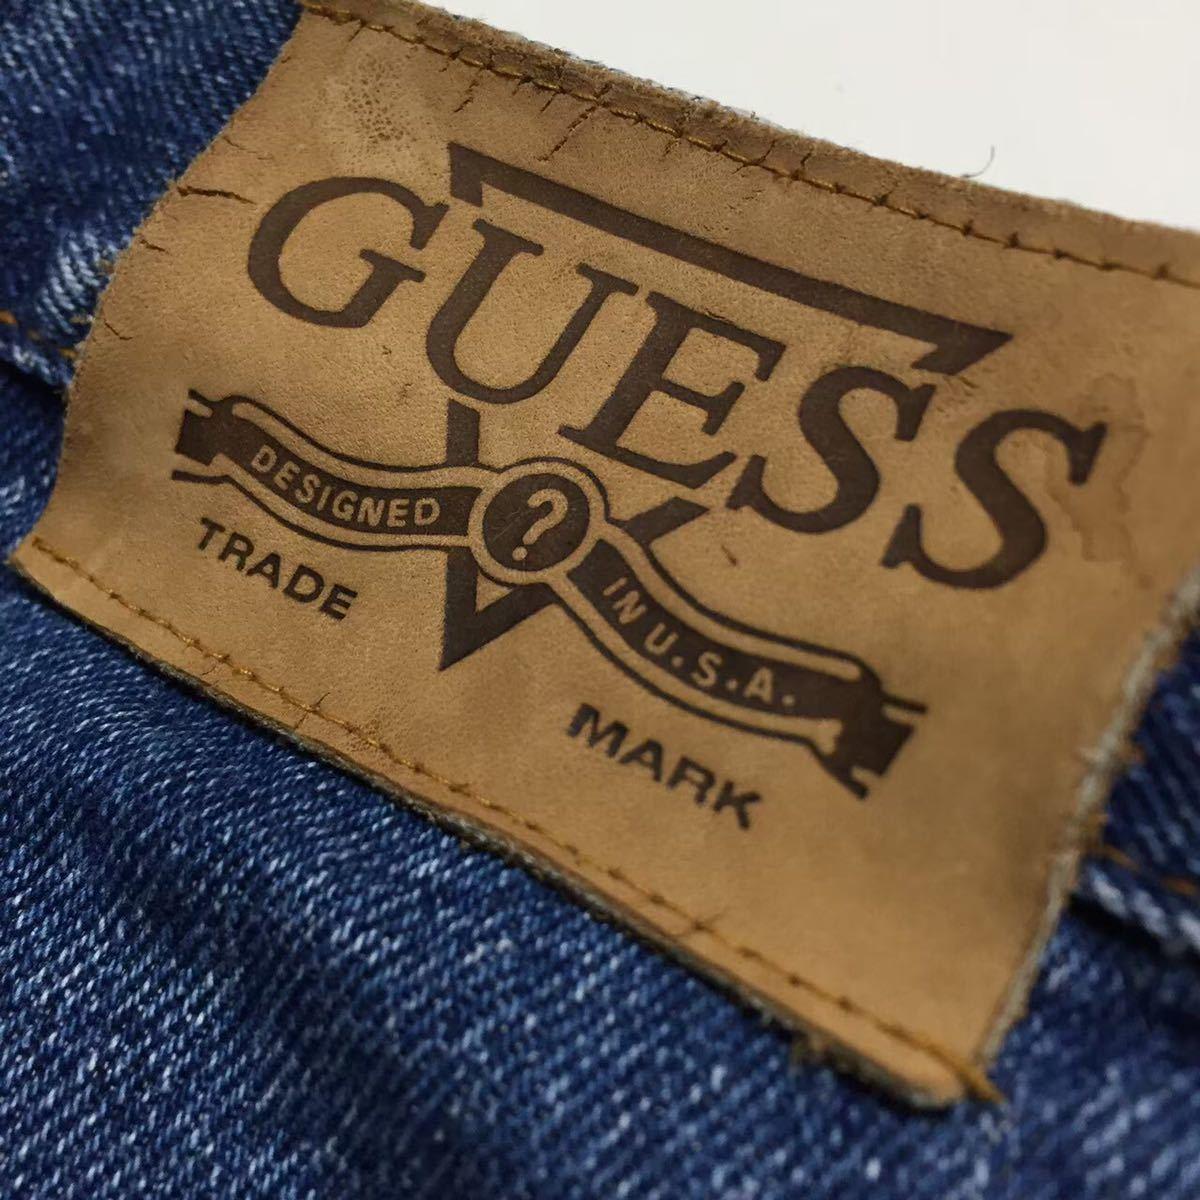 #1457 GUESS ゲス 90s デニム ハーフパンツ ショートパンツ